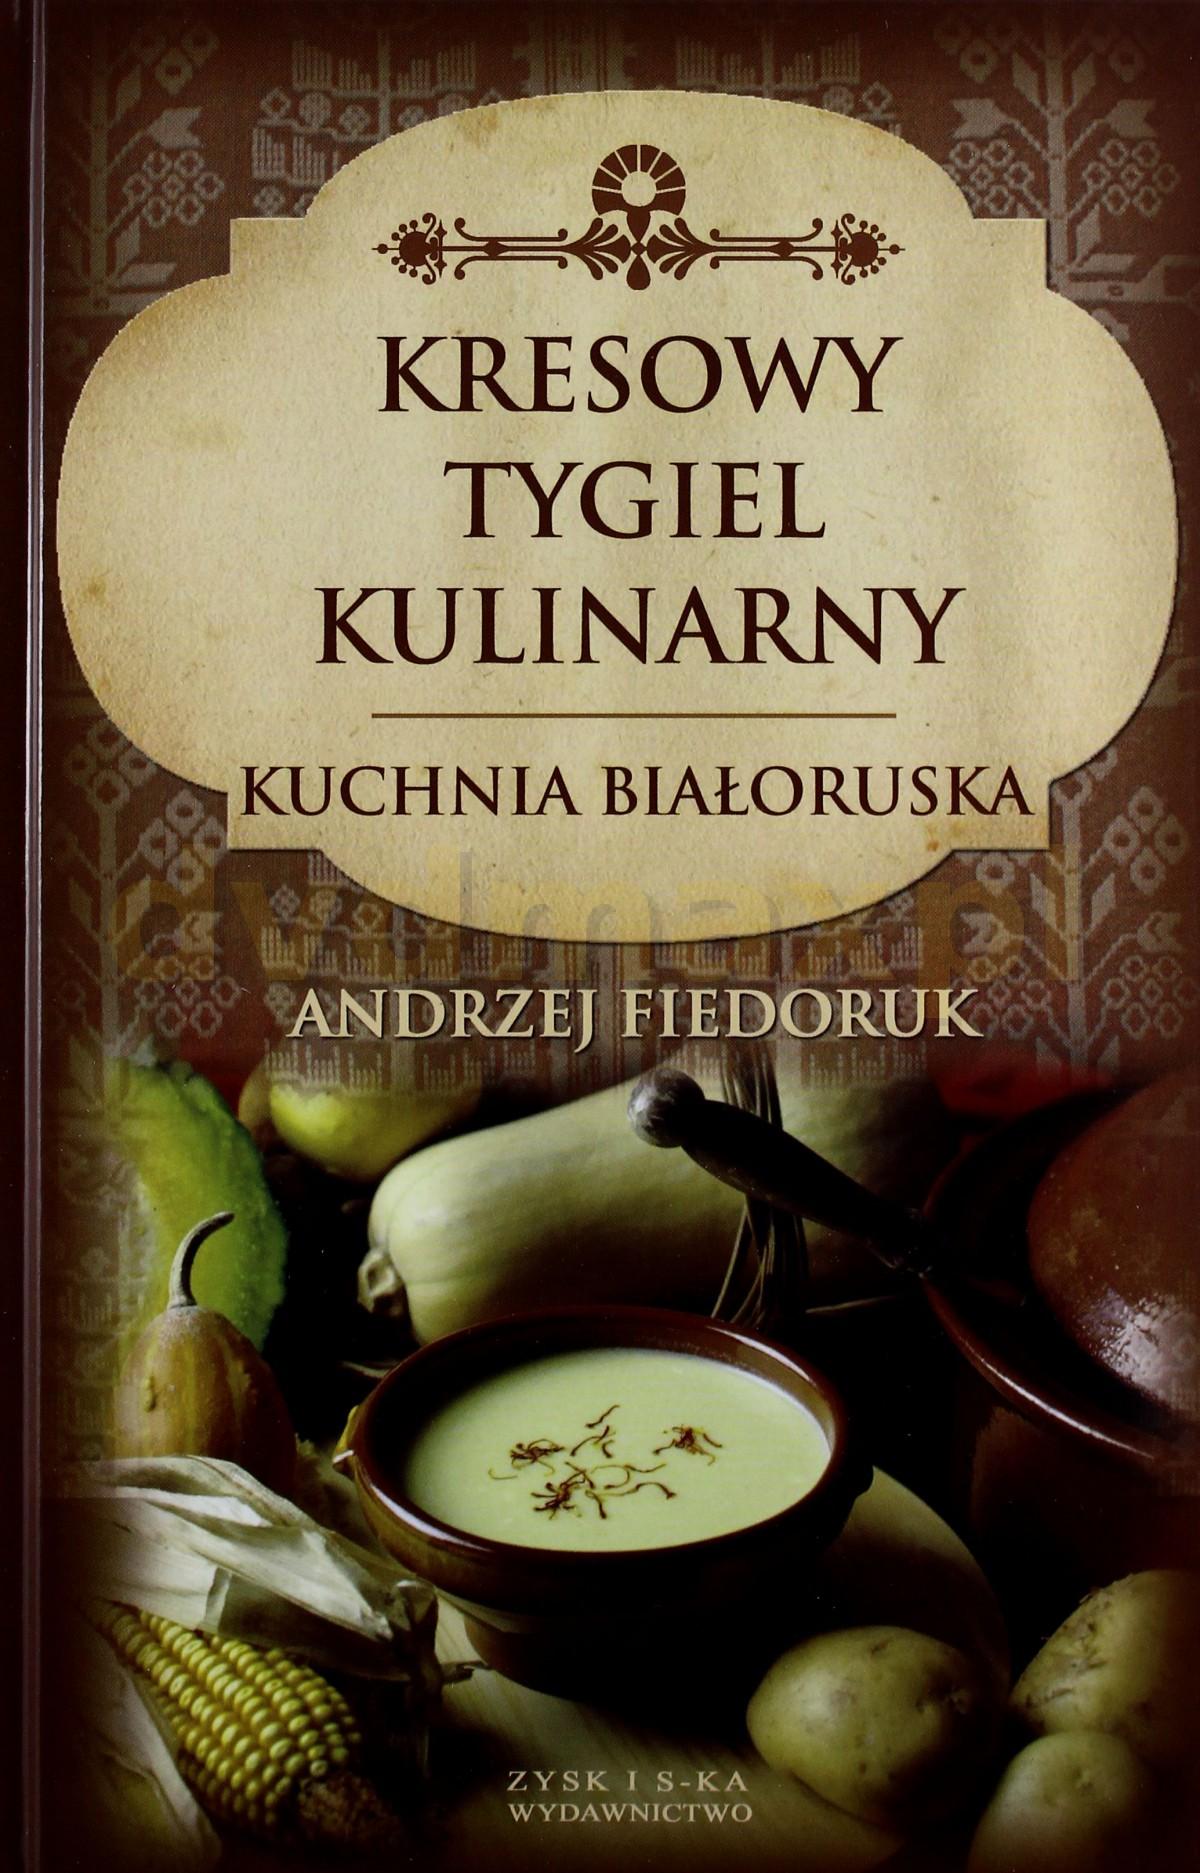 Kresowy Tygiel Kulinarny - Andrzej Fiedoruk [KSIĄŻKA] - Andrzej Fiedoruk